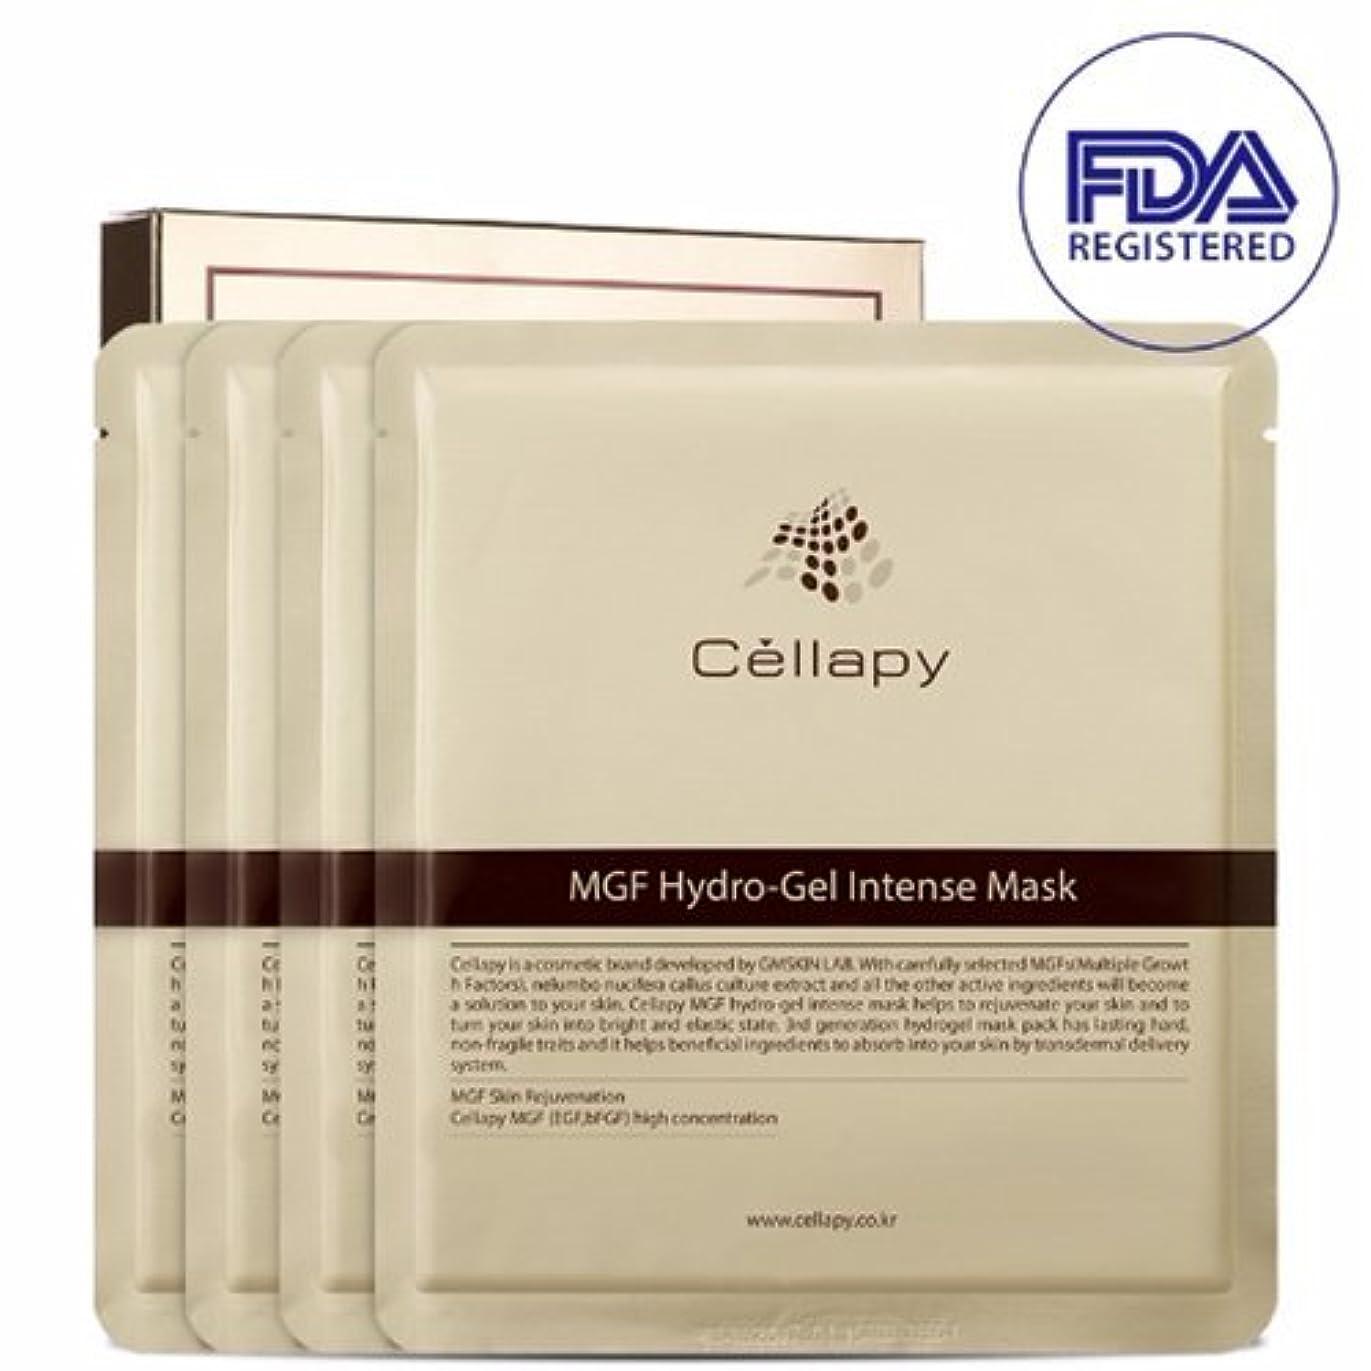 する質素な本会議セルラピ MGFハイドロゲルインテンスマスクシート25g*4枚セット[並行輸入品] / Cellapy MGF Hydro-Gel Intense Mask Sheet 25g 4pcs Set for Irritable...